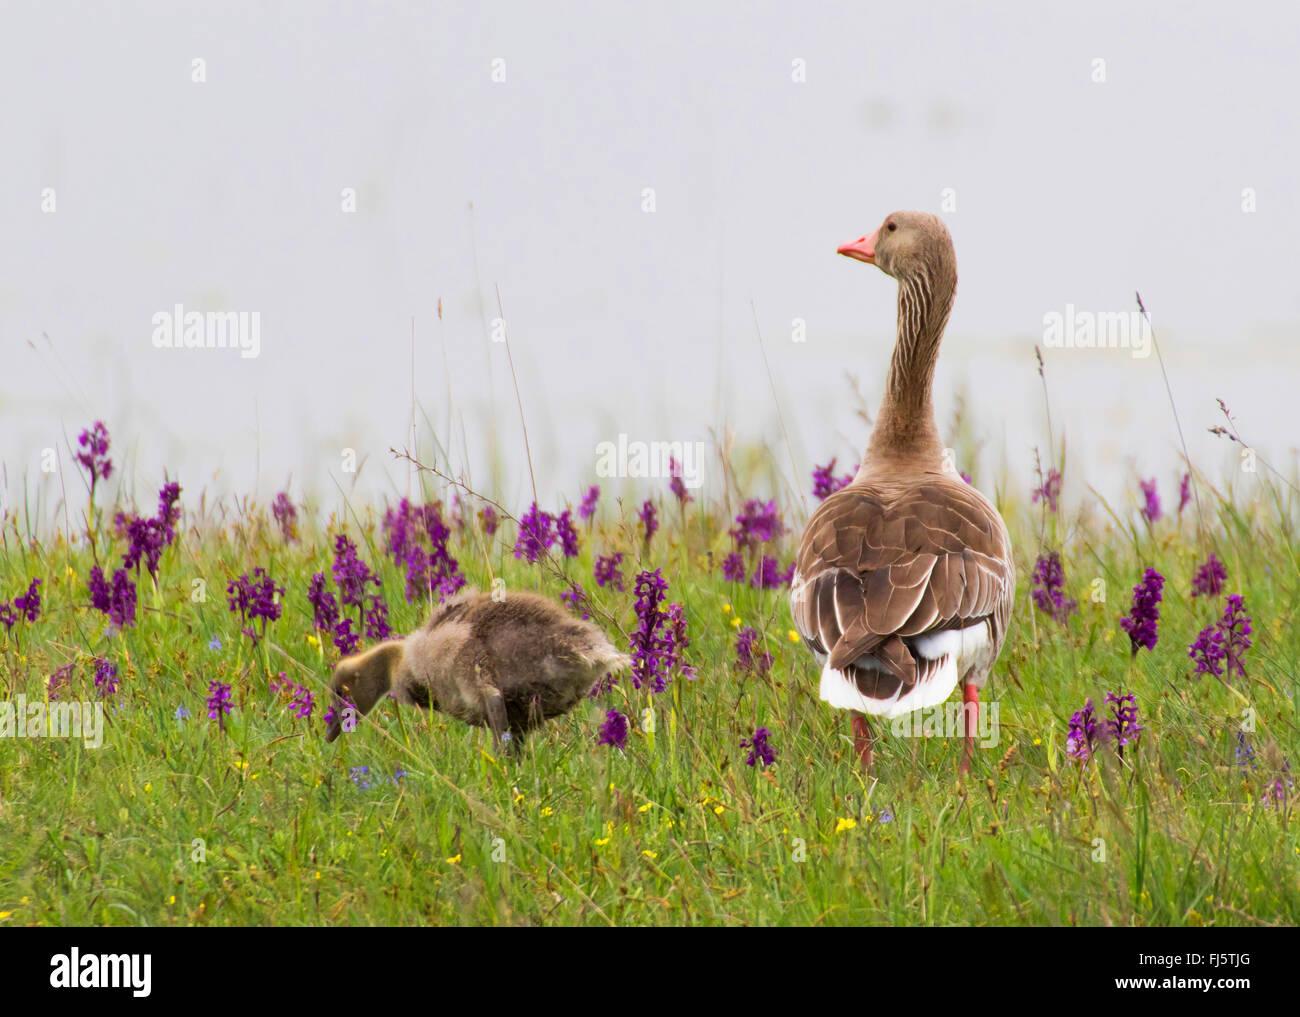 Graugans (Anser Anser), wachsamen Graugans Gans Mutter auf einer Orchidee Wiese, Österreich, Burgenland Stockbild